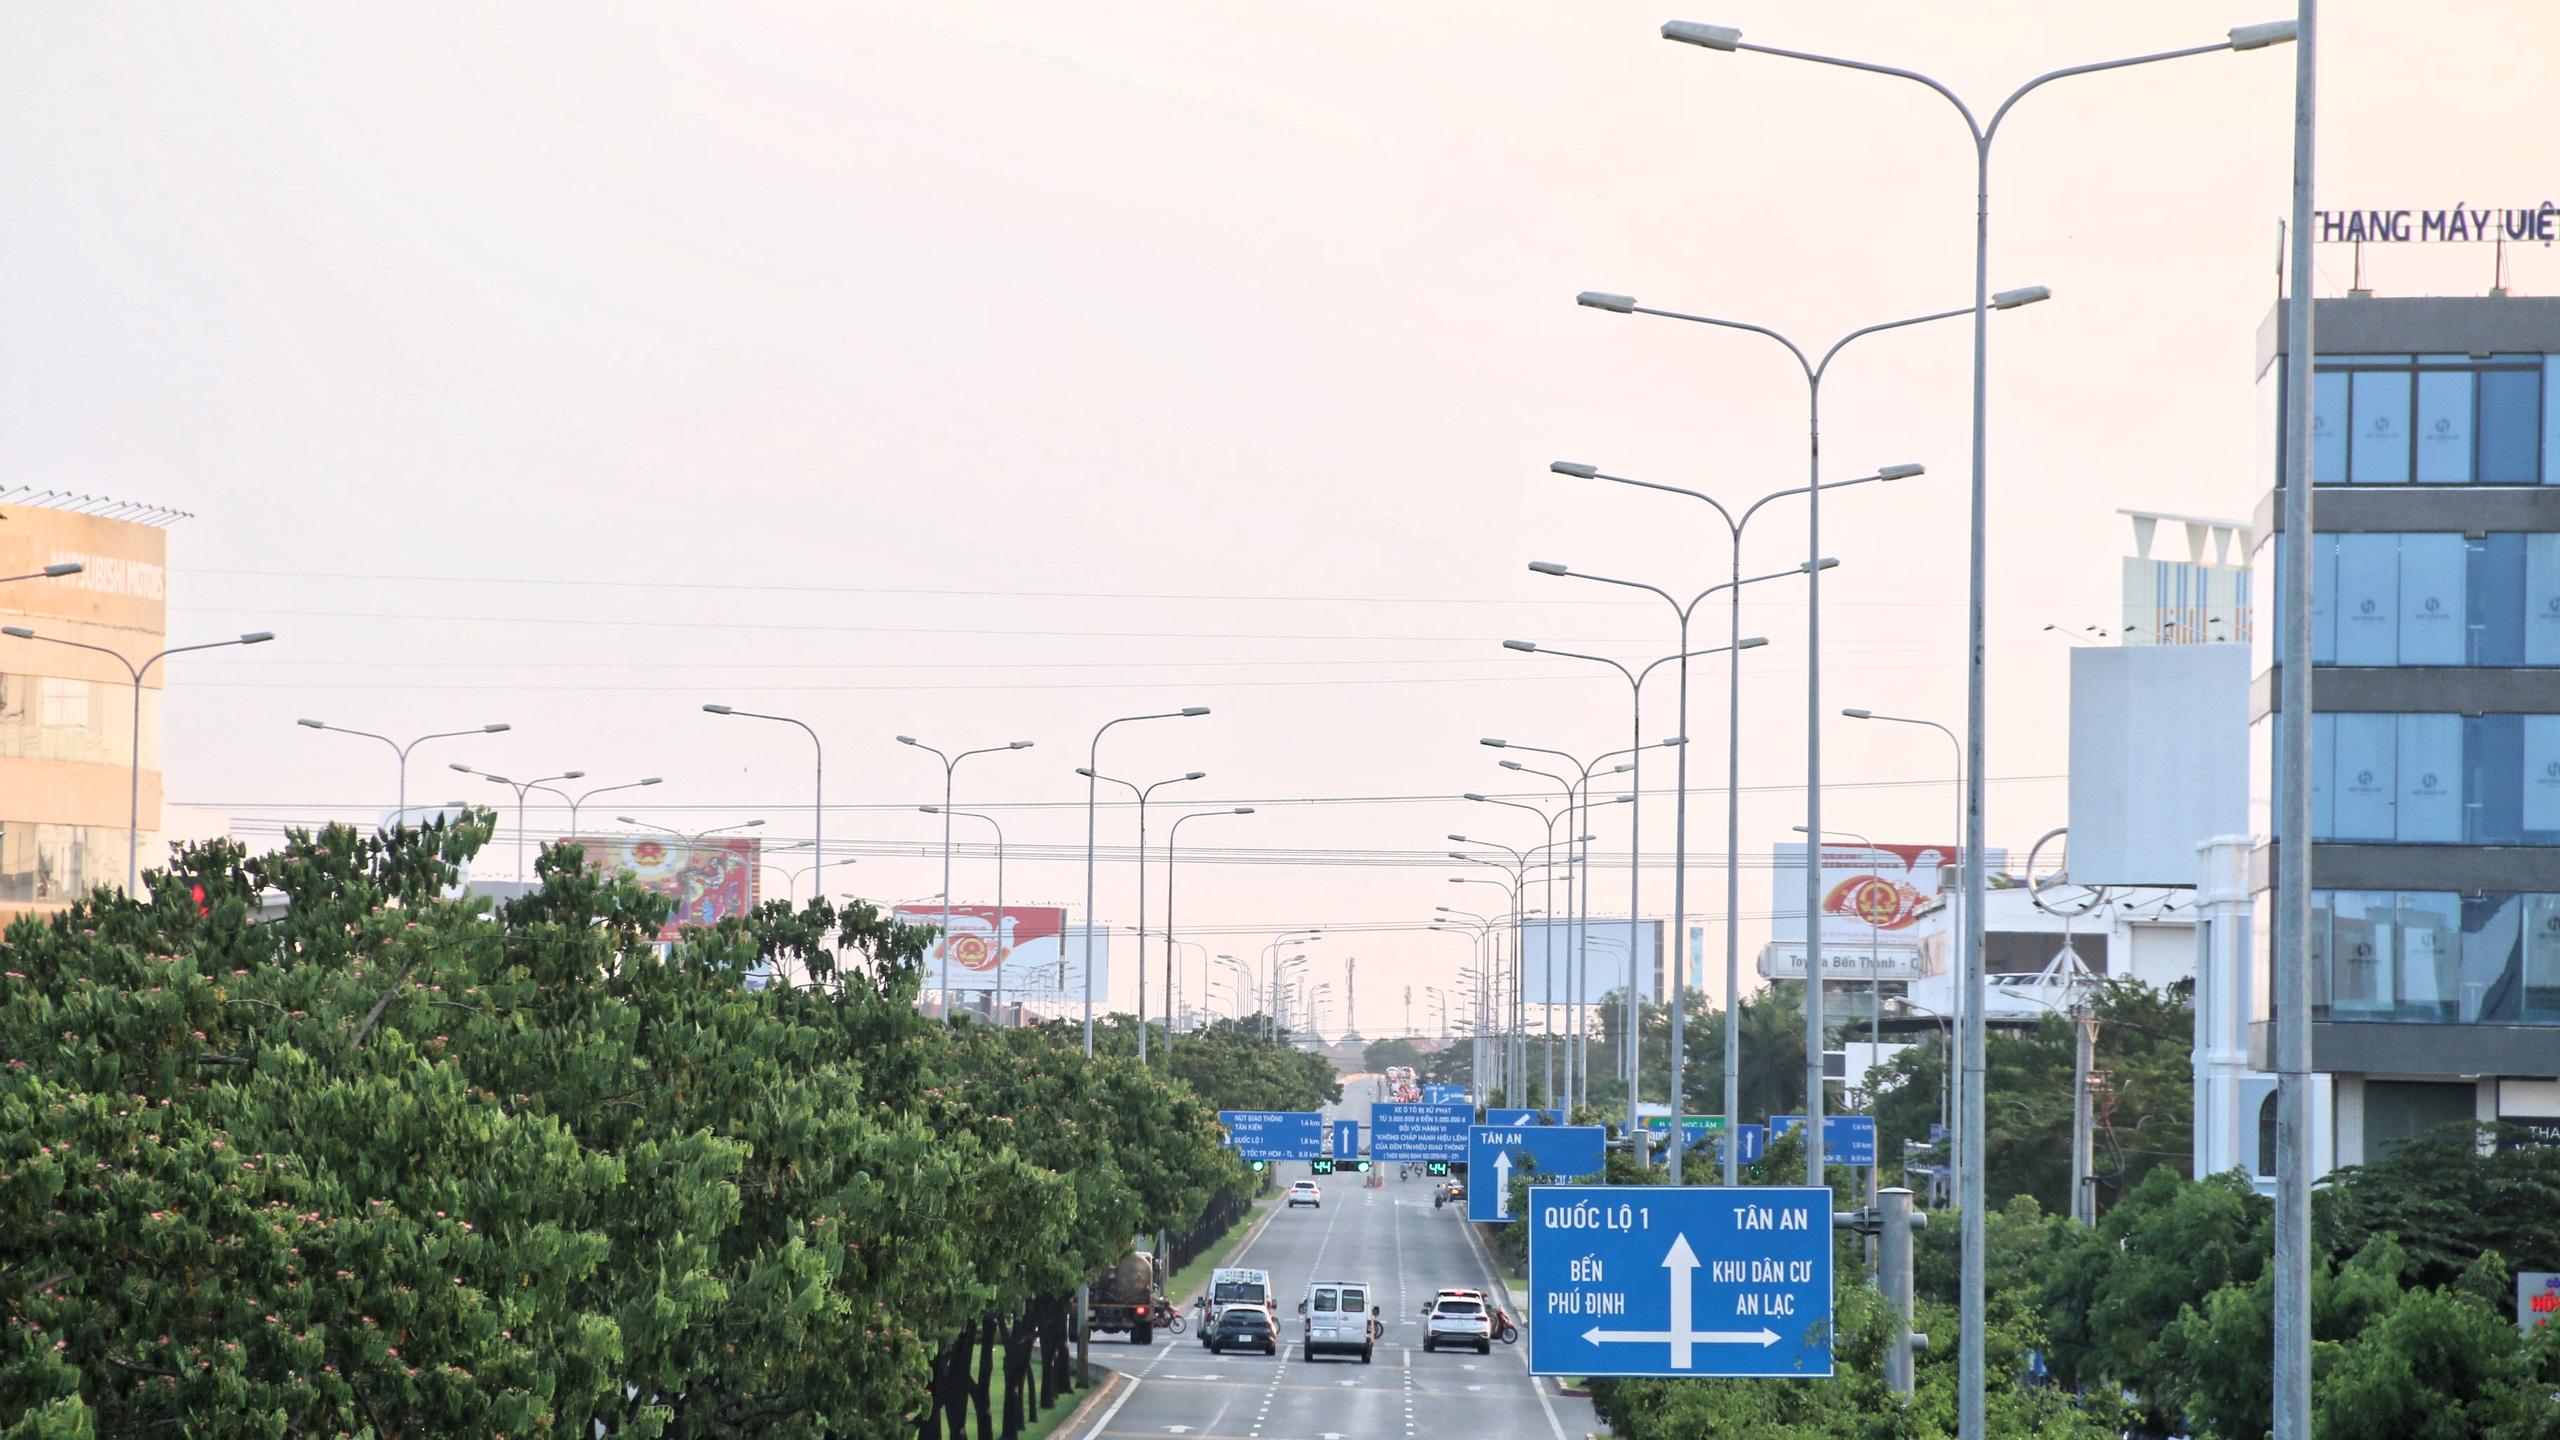 Cận cảnh Đại lộ Đông Tây của TP HCM sau gần một thập kỷ - Ảnh 2.